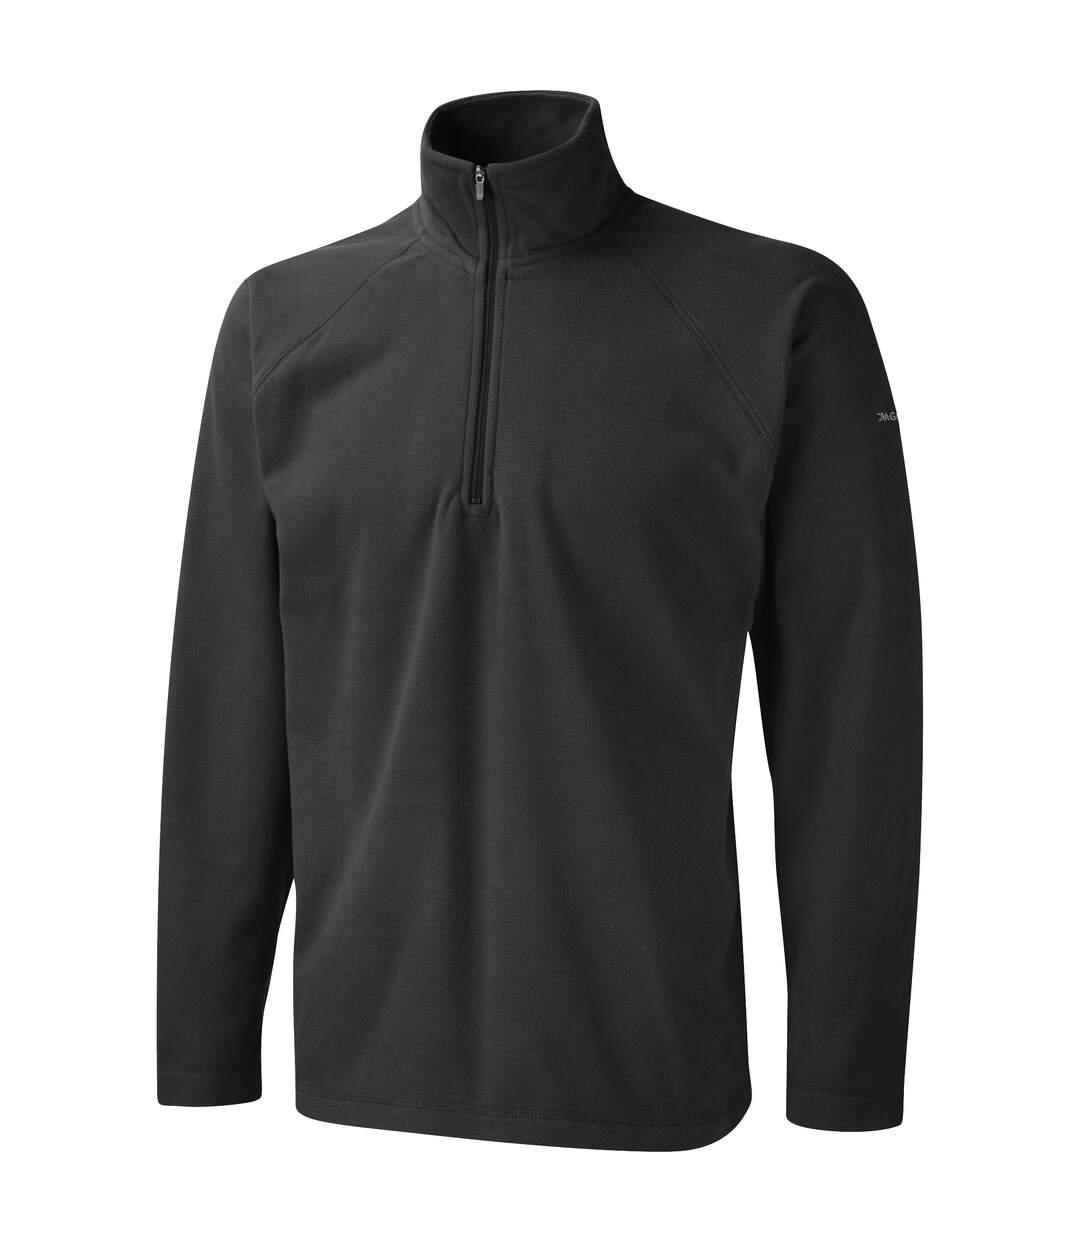 Craghoppers Mens Basecamp Microfleece FZ Half Zip Fleece Top (Black) - UTRW366